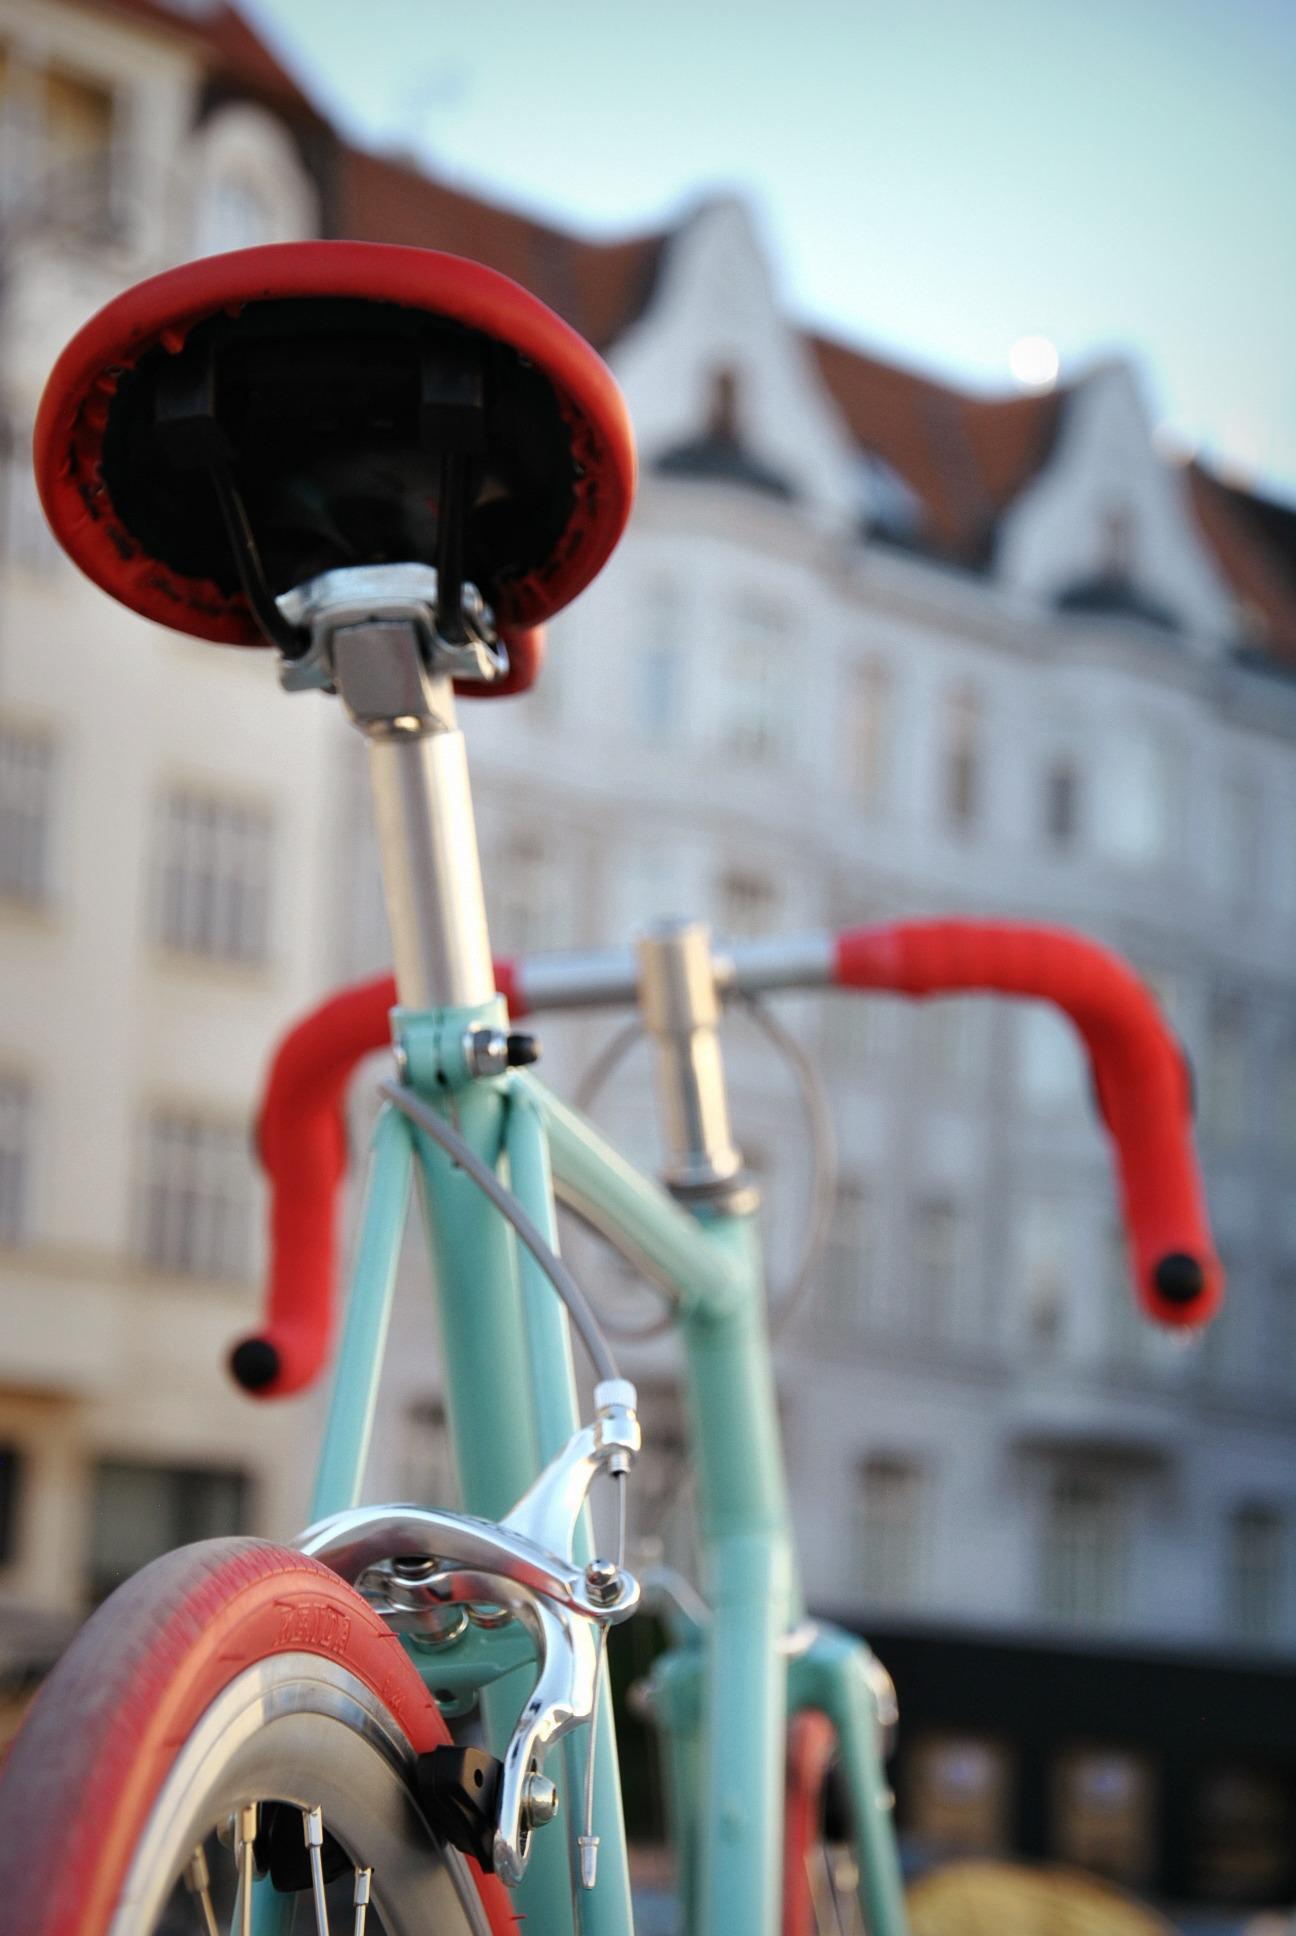 Repasovaná kola z naší dílny Reparada Bikes